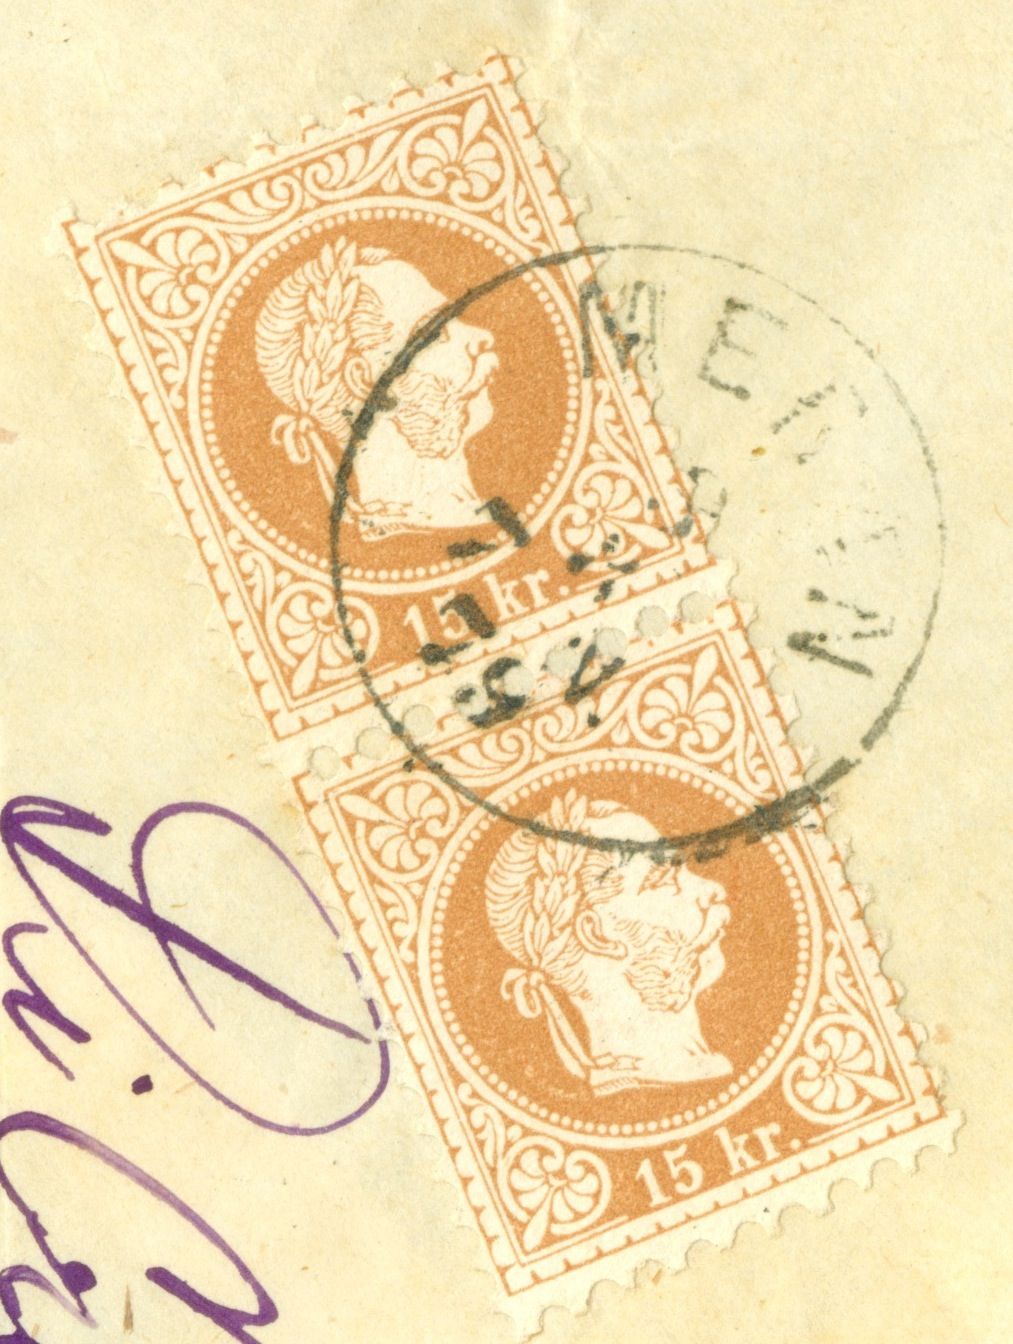 Freimarken-Ausgabe 1867 : Kopfbildnis Kaiser Franz Joseph I - Seite 21 1879_b10